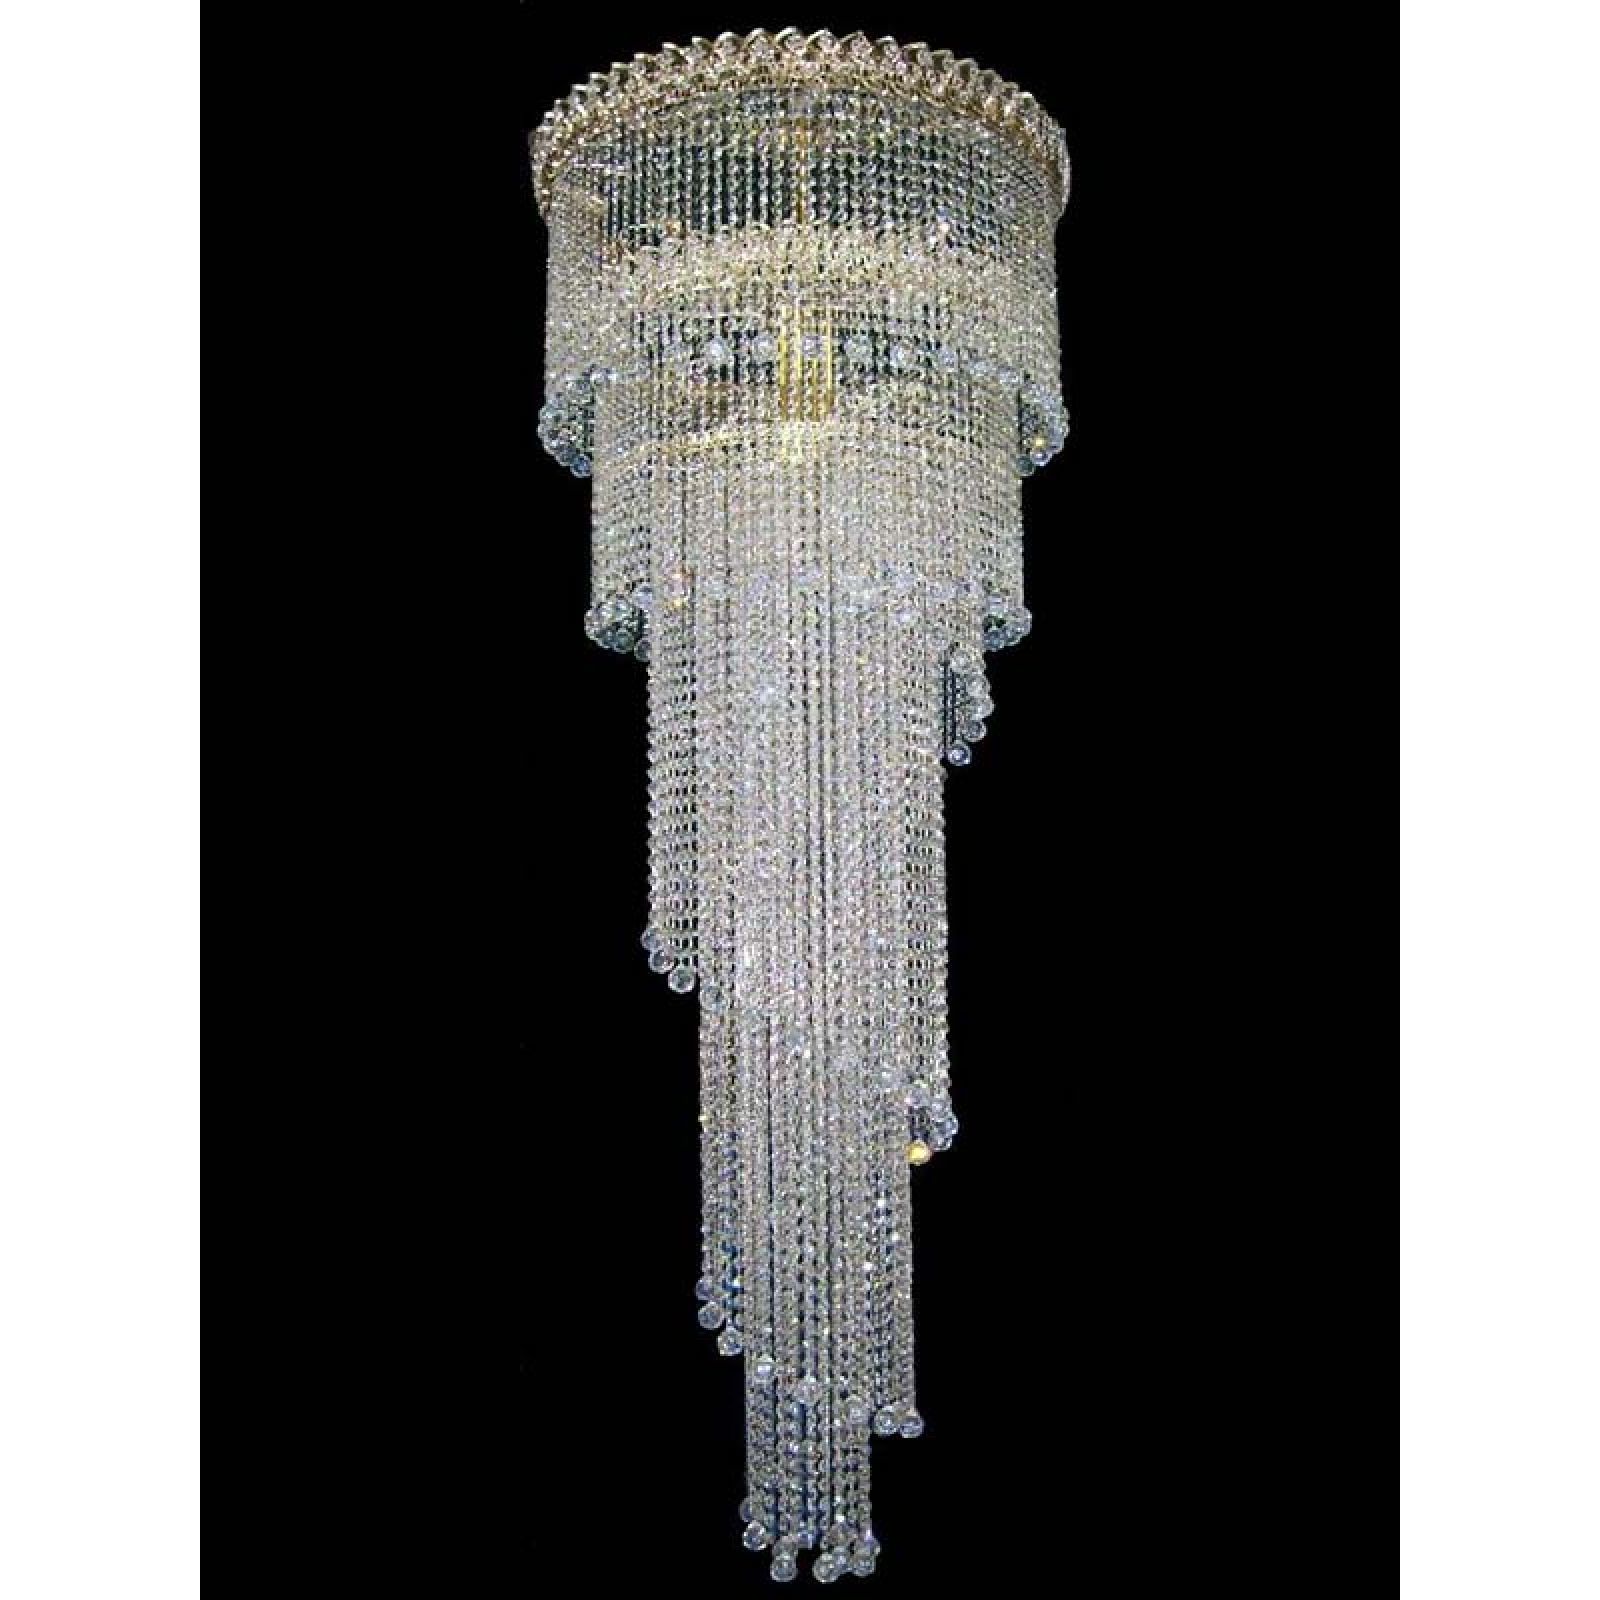 Фасадные светильники для подсветки зданий купить